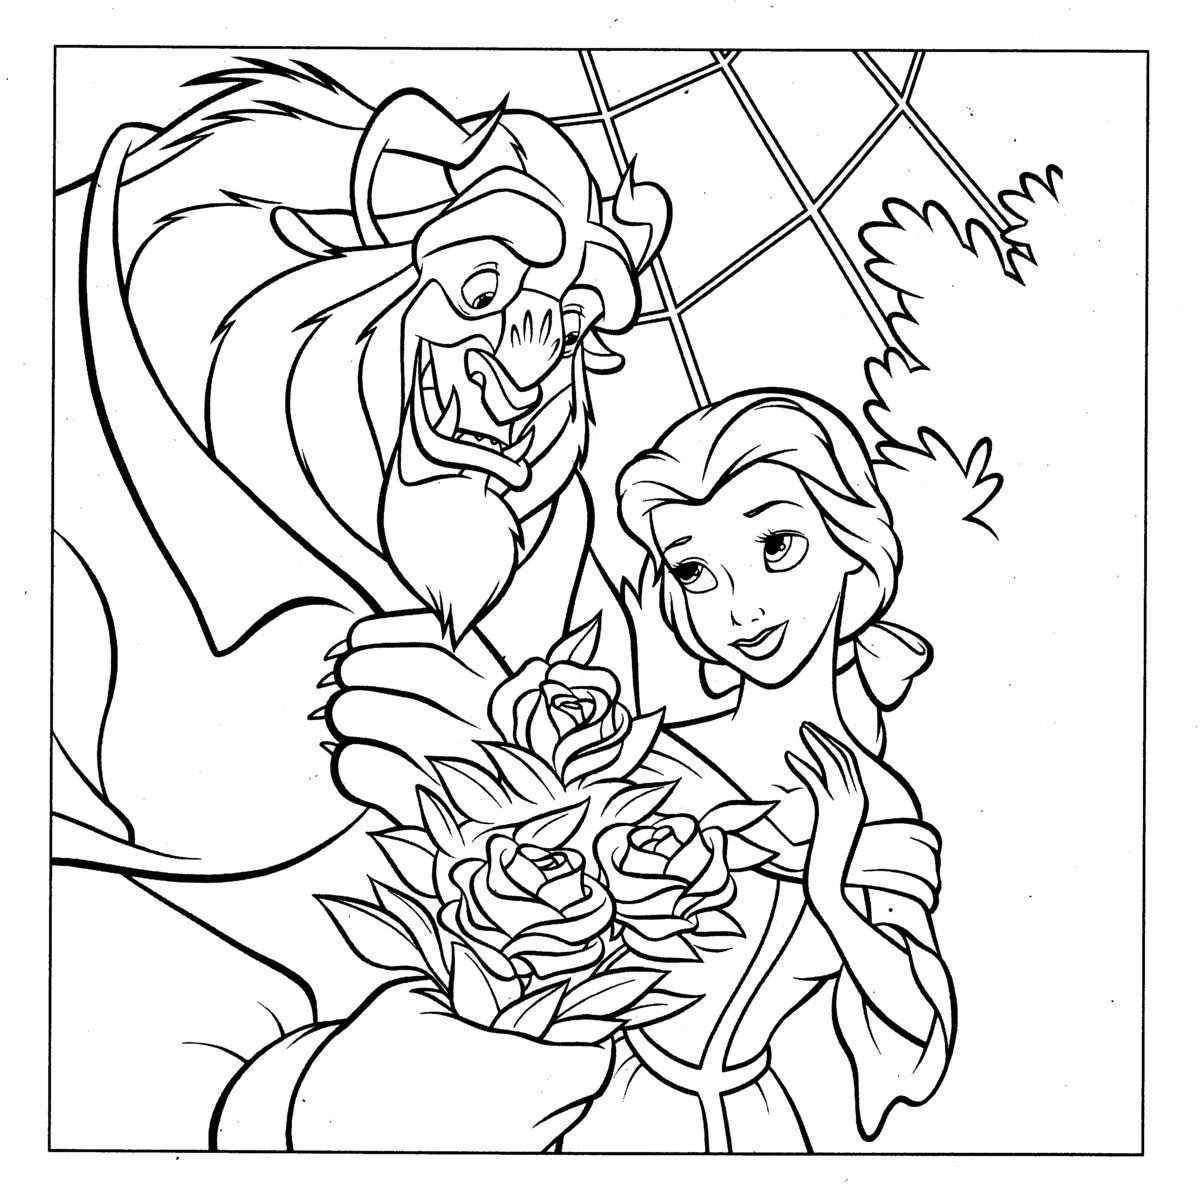 Kleurplaat Beauty And The Beast 8101 Disney Kleurplaten Kleurplaten Belle En Het Beest